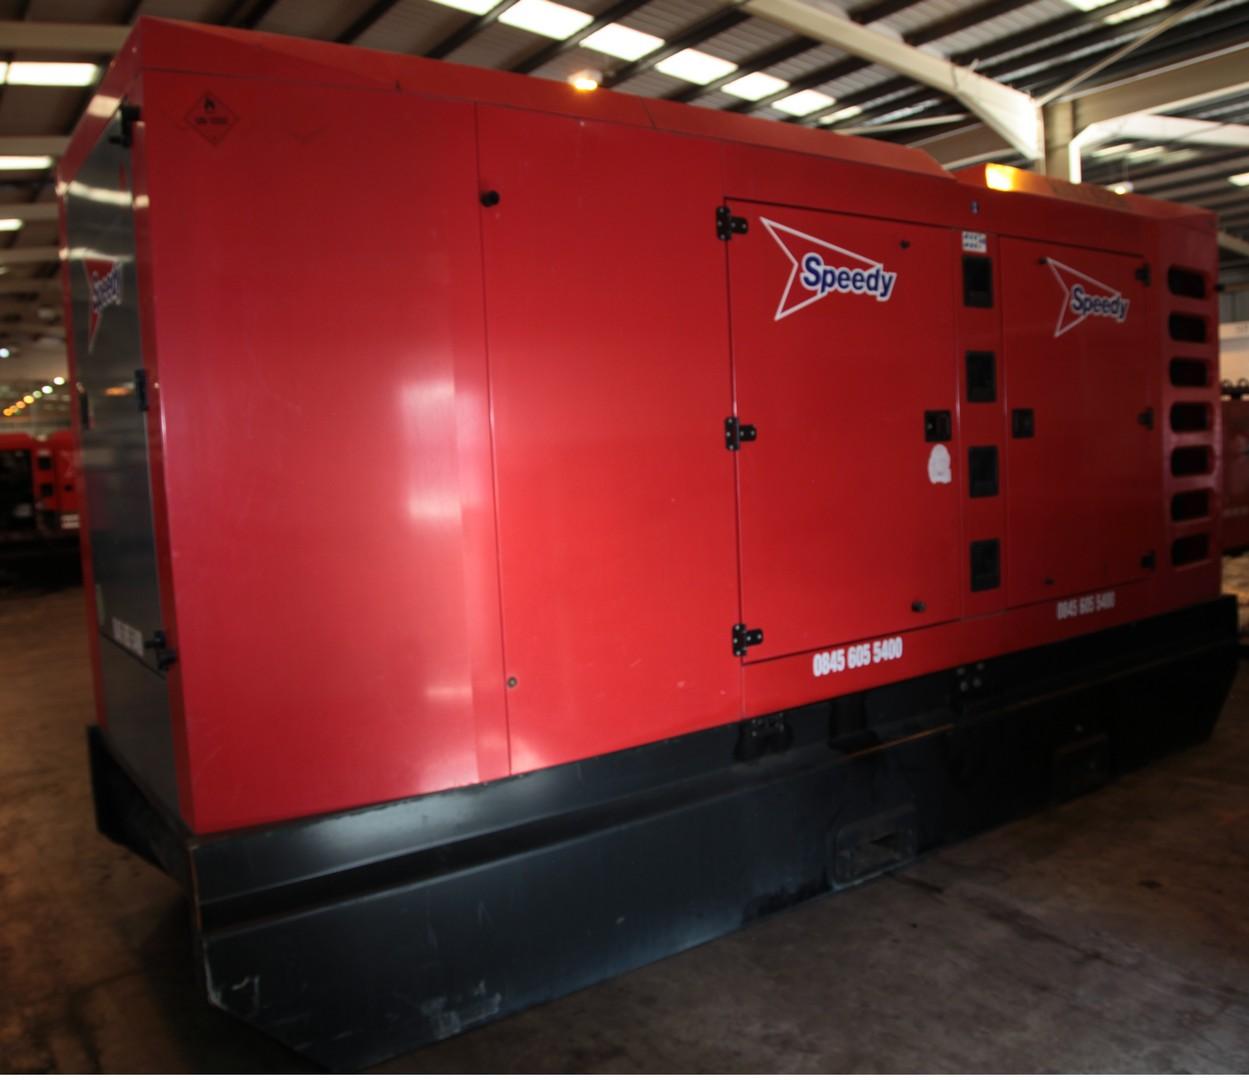 150 Kva Generator 415/3/50 Mwk60hr Rate